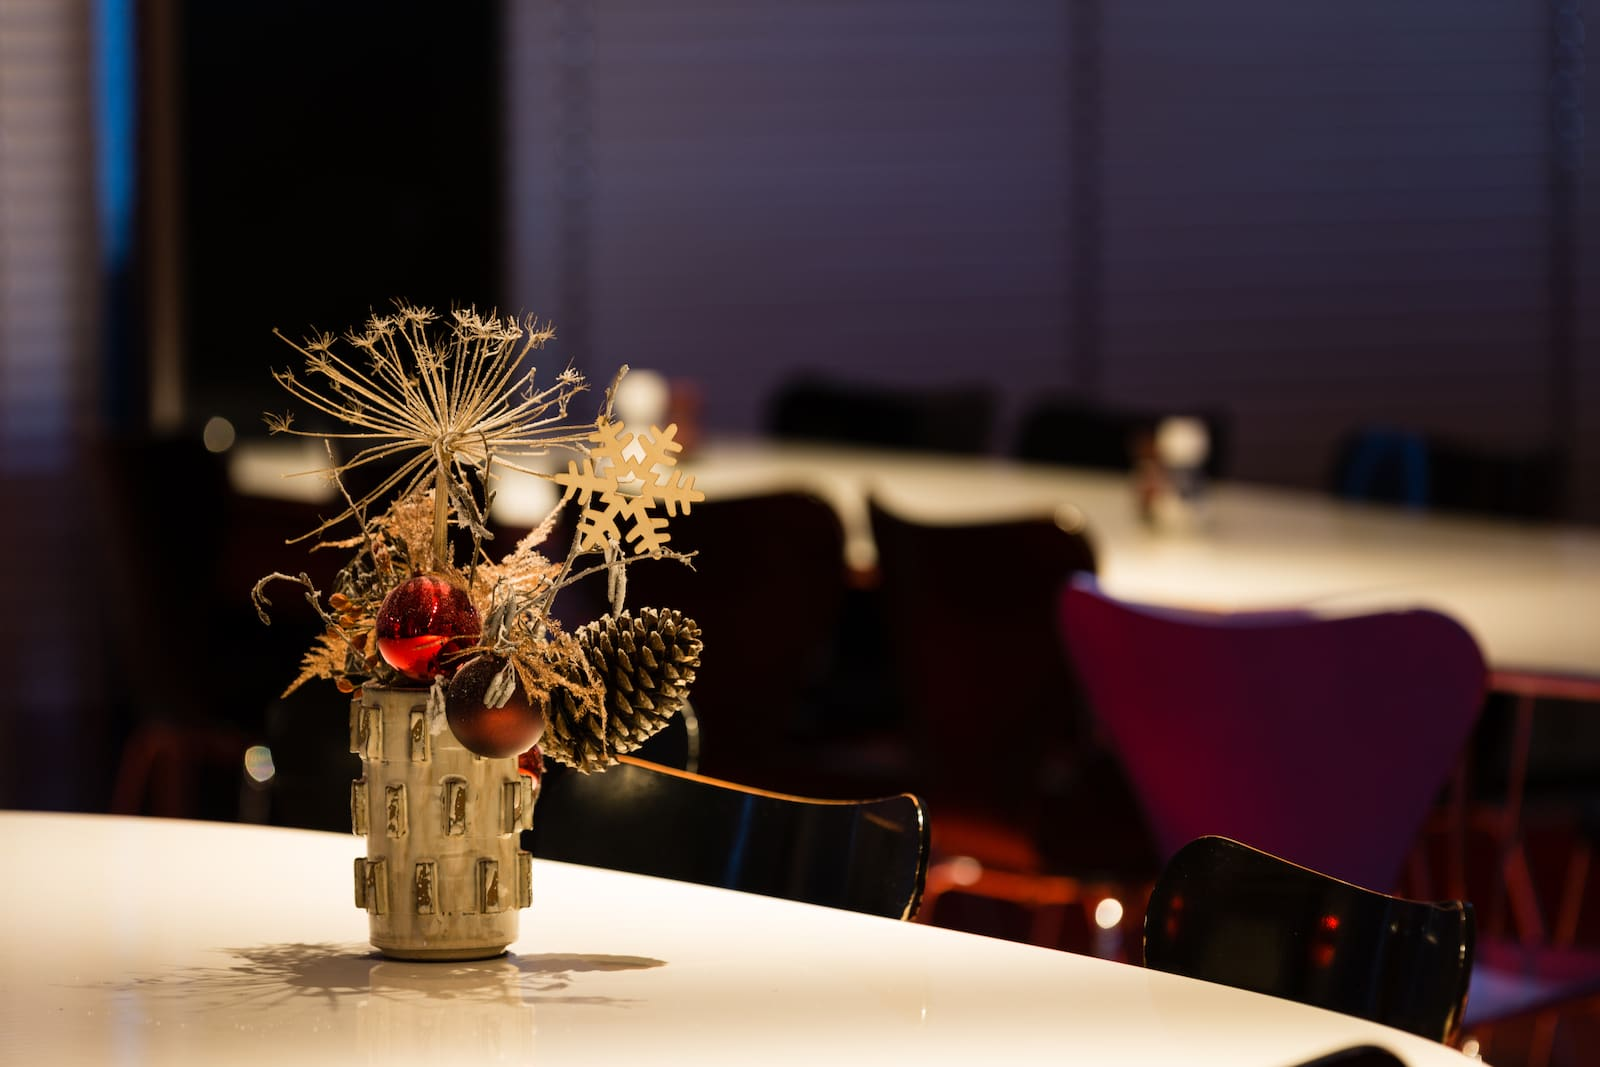 Bas de Boer Eventstyling Weihnachtsdekoration Traditional Tischdekoration weihnachtsfeier www.basdeboer eventstyling.de .jpg - Weihnachtsfeier Eventstyling